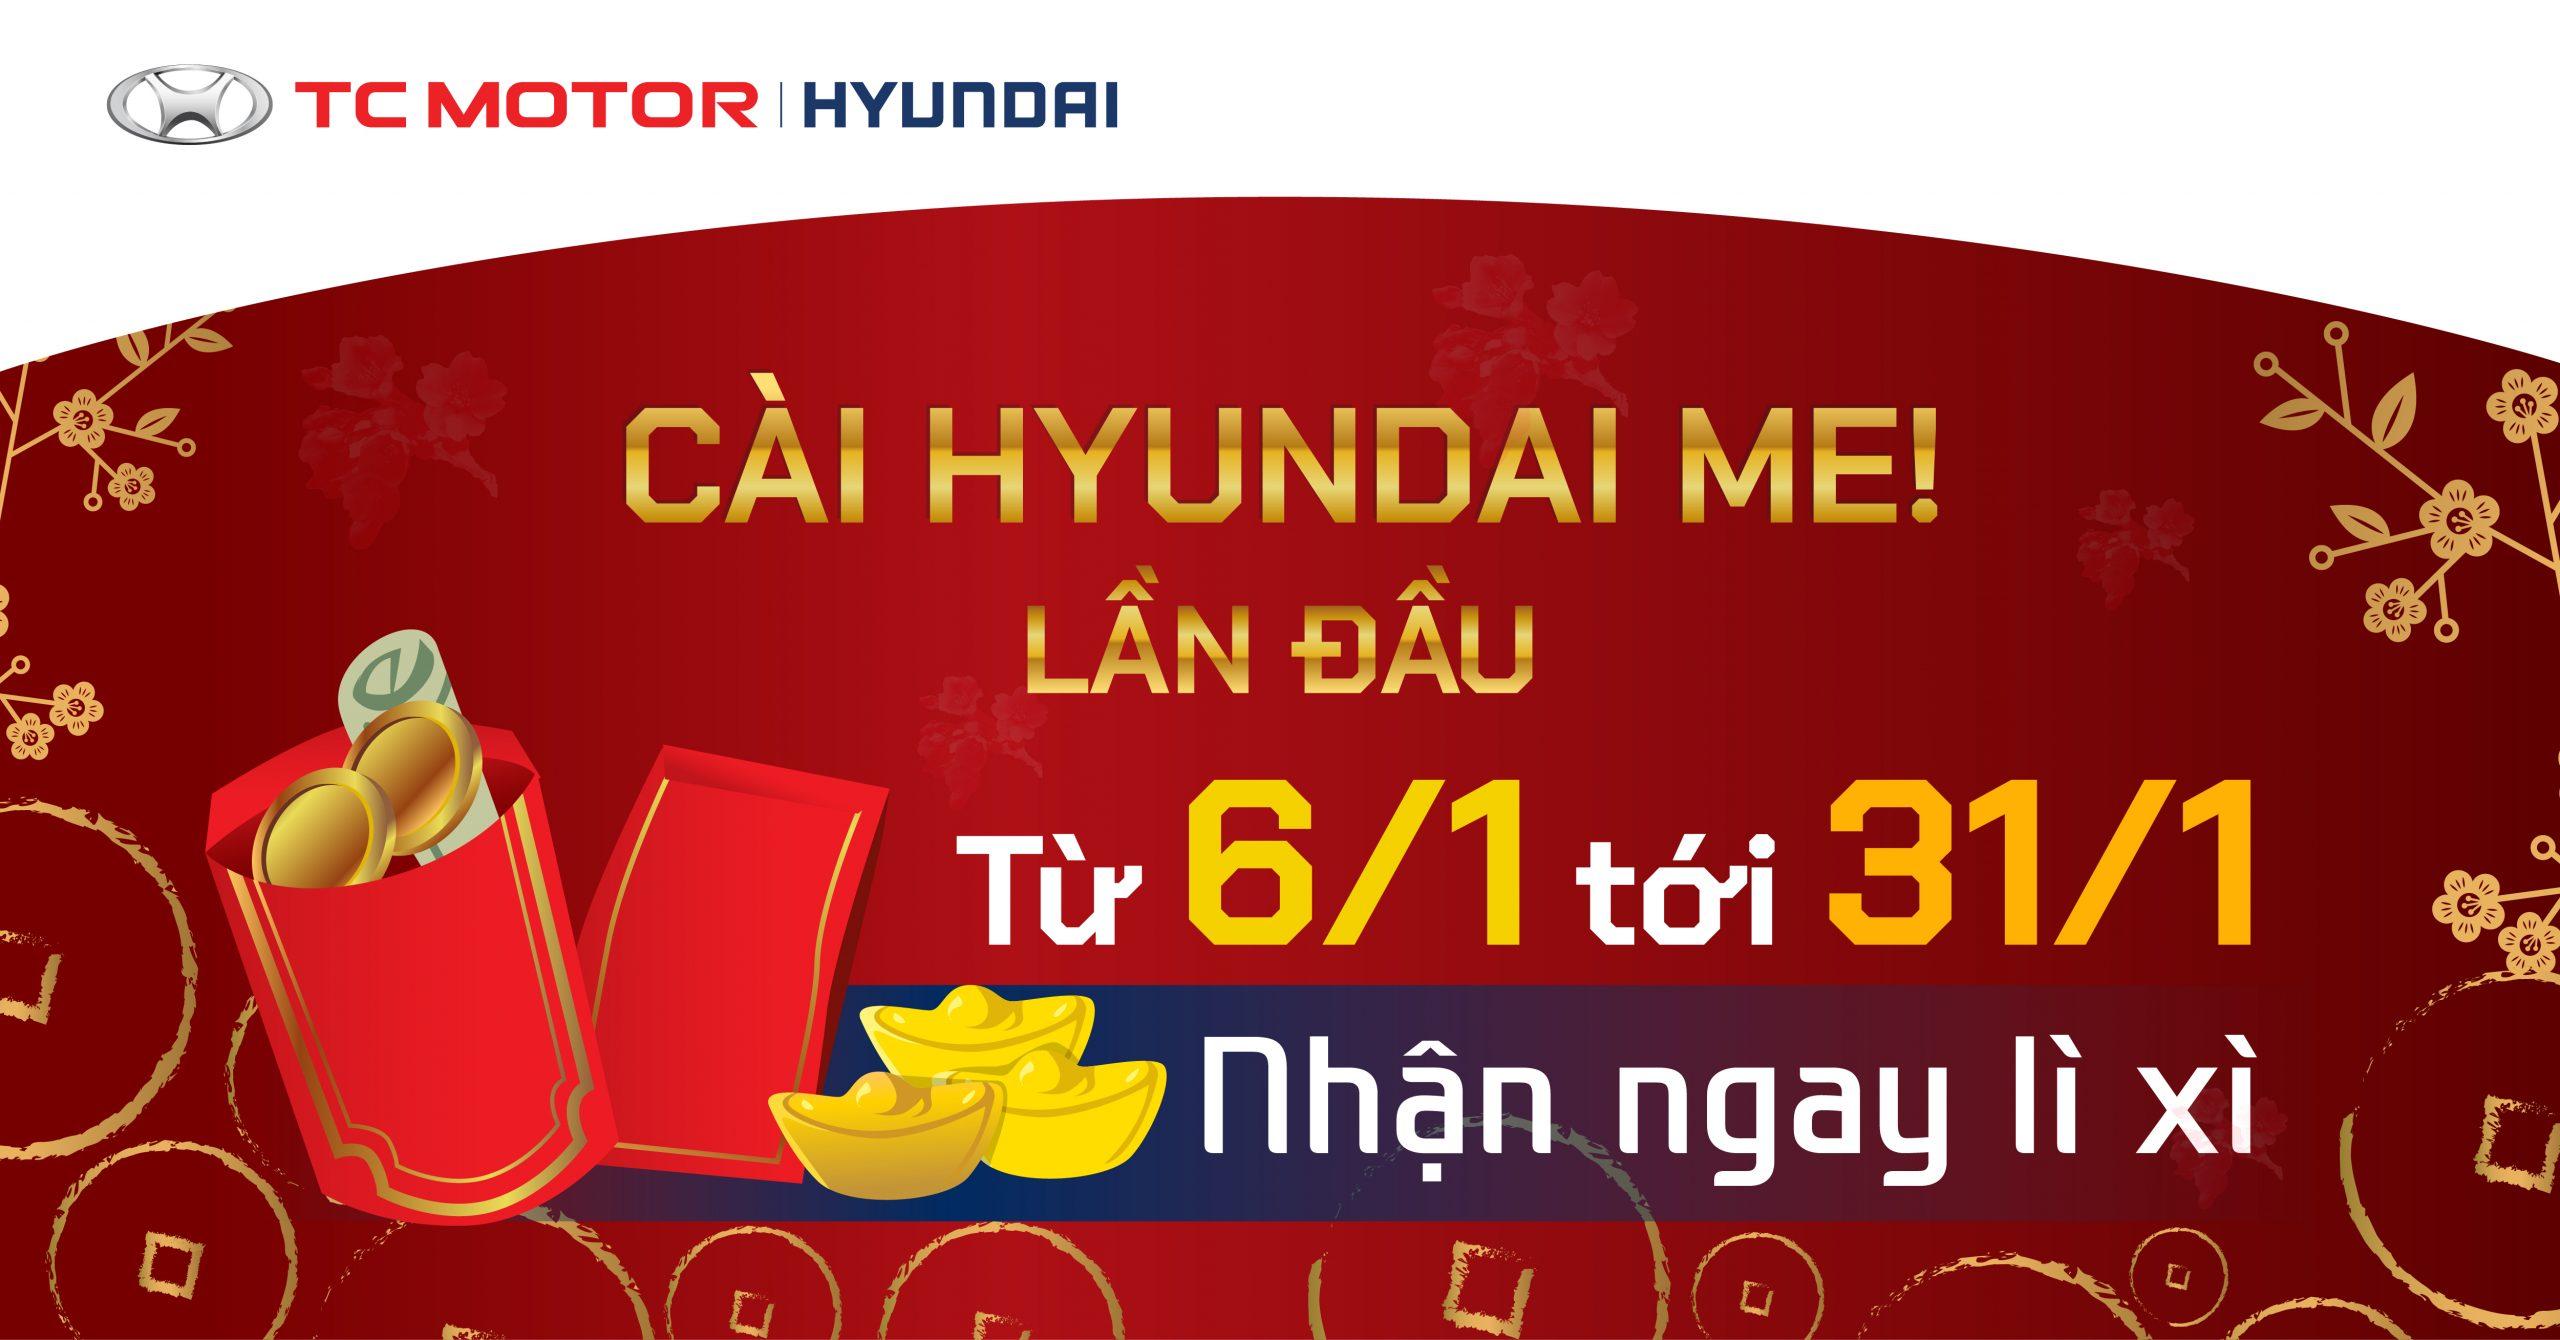 Hyundai Me - Nhận Lì Xì - Hyundai Quảng Ninh